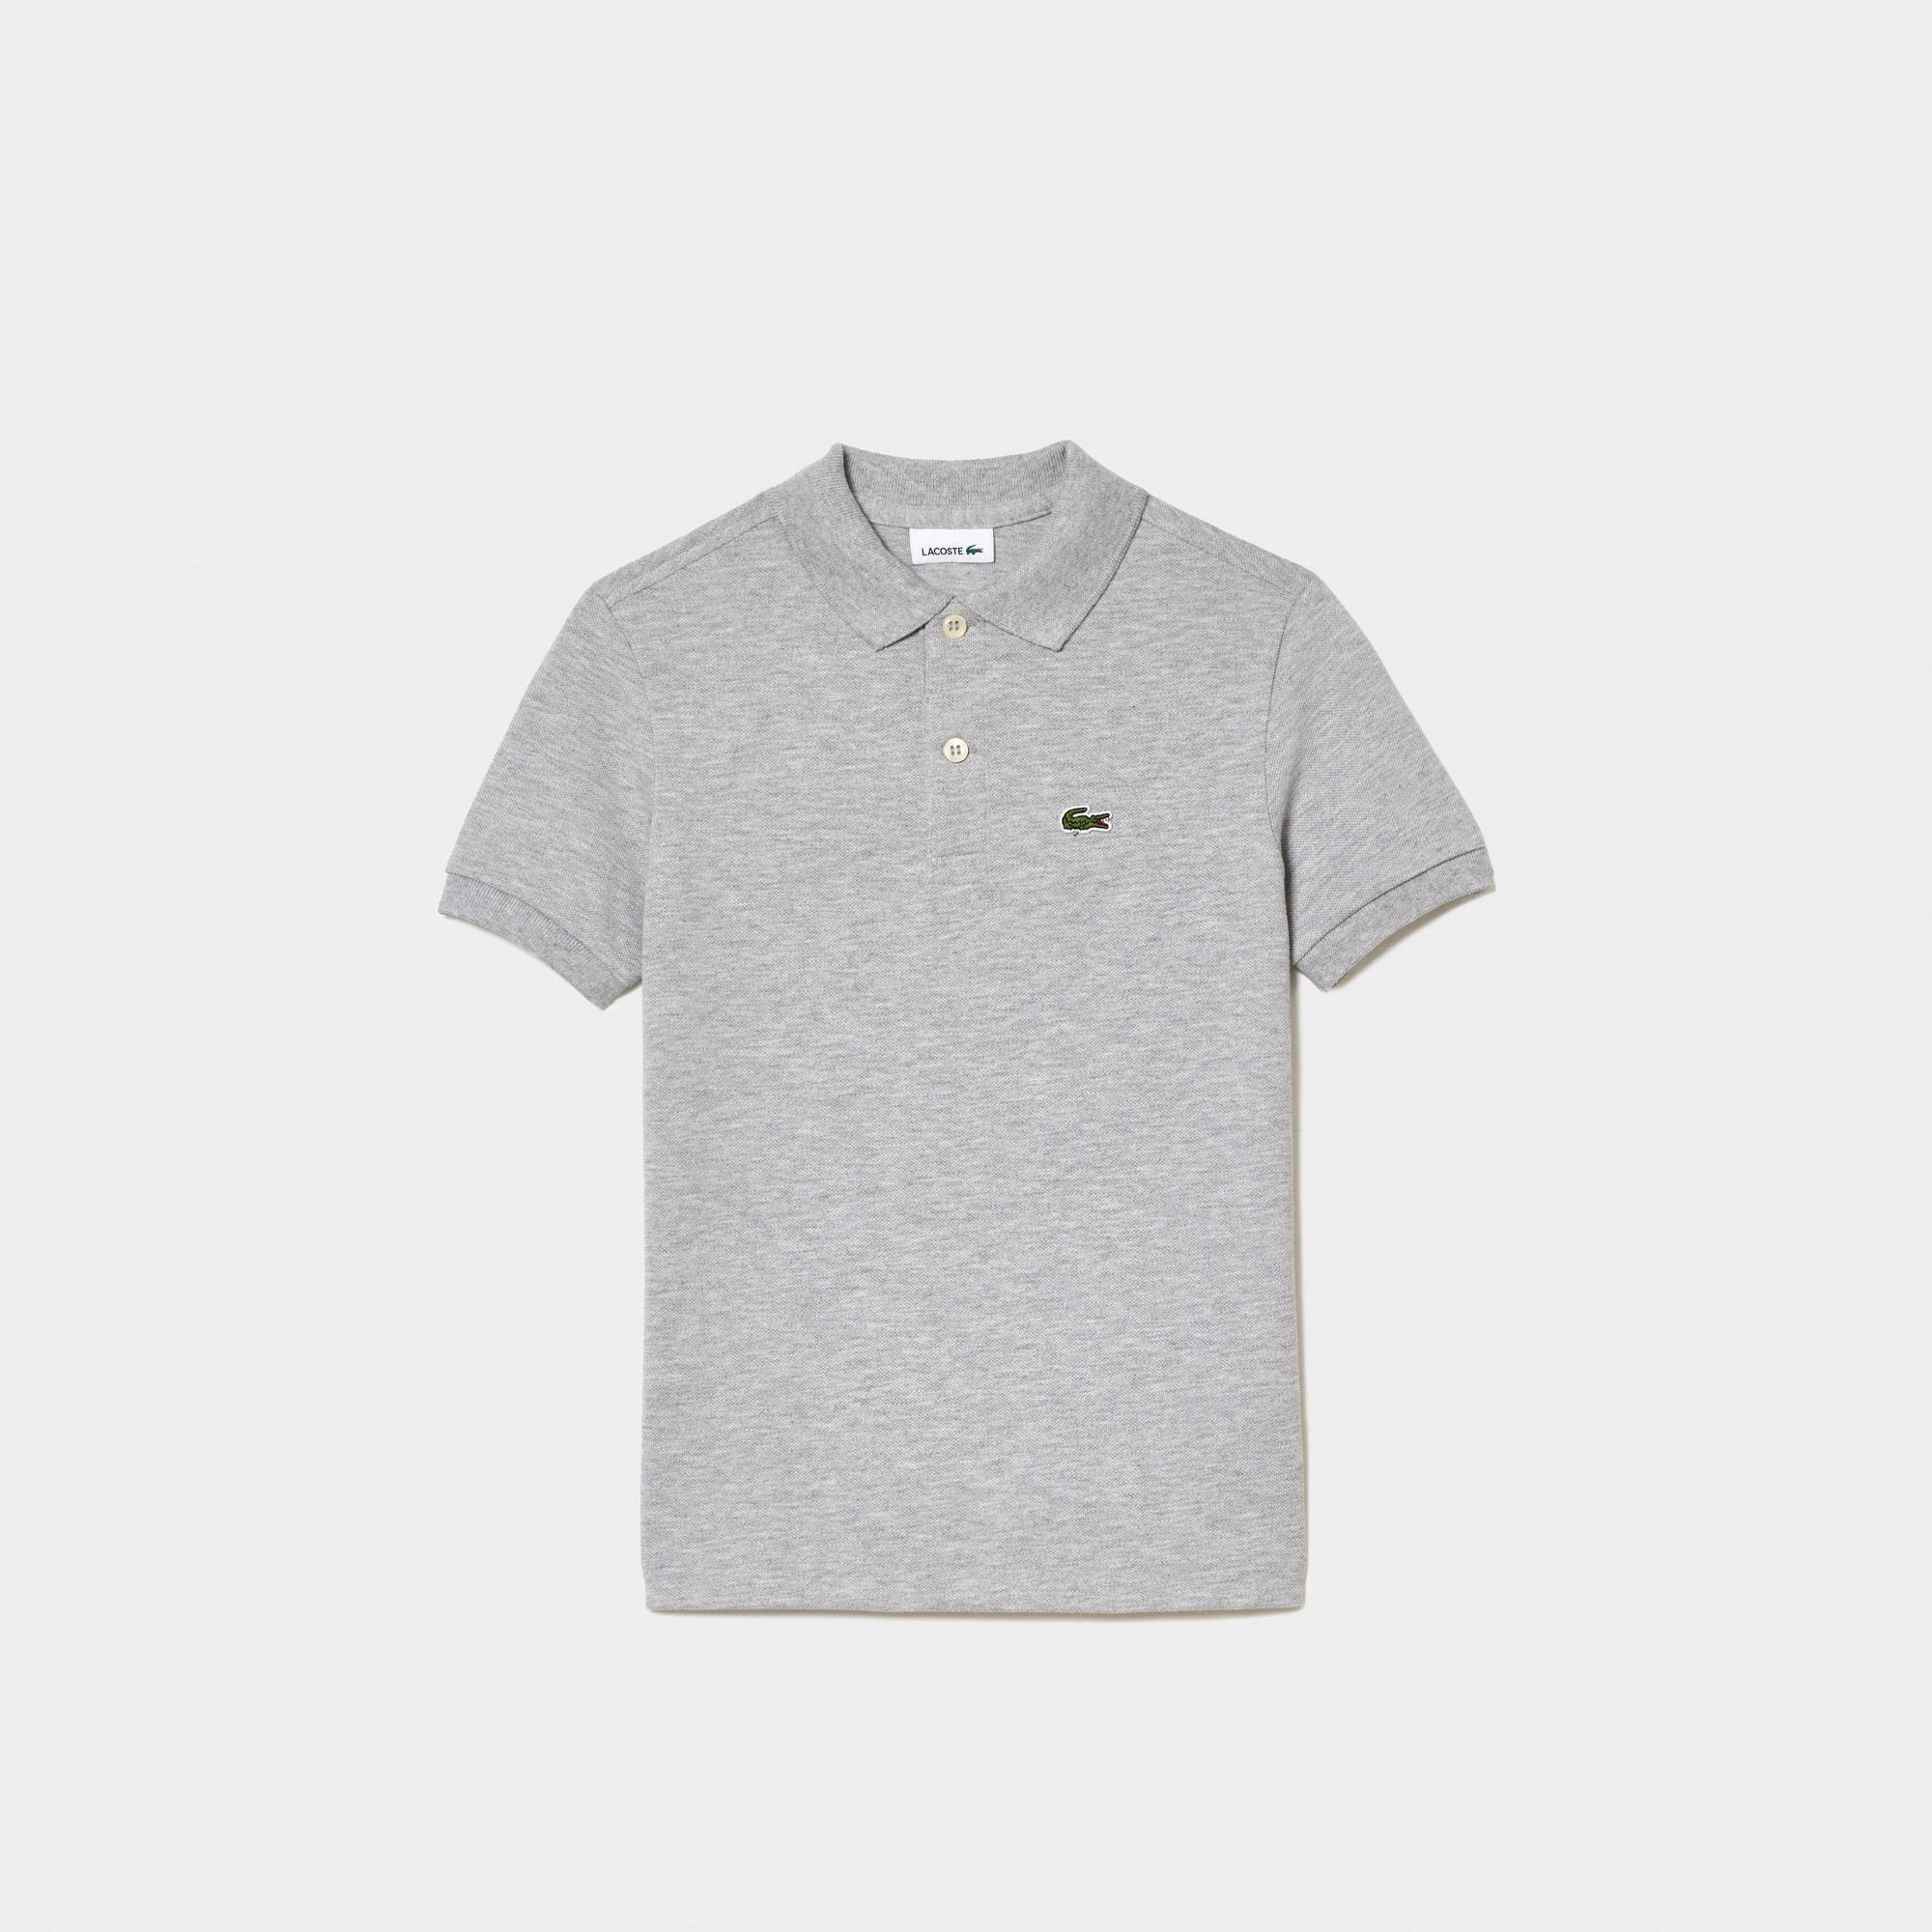 eae808e6e92 Polo shirts